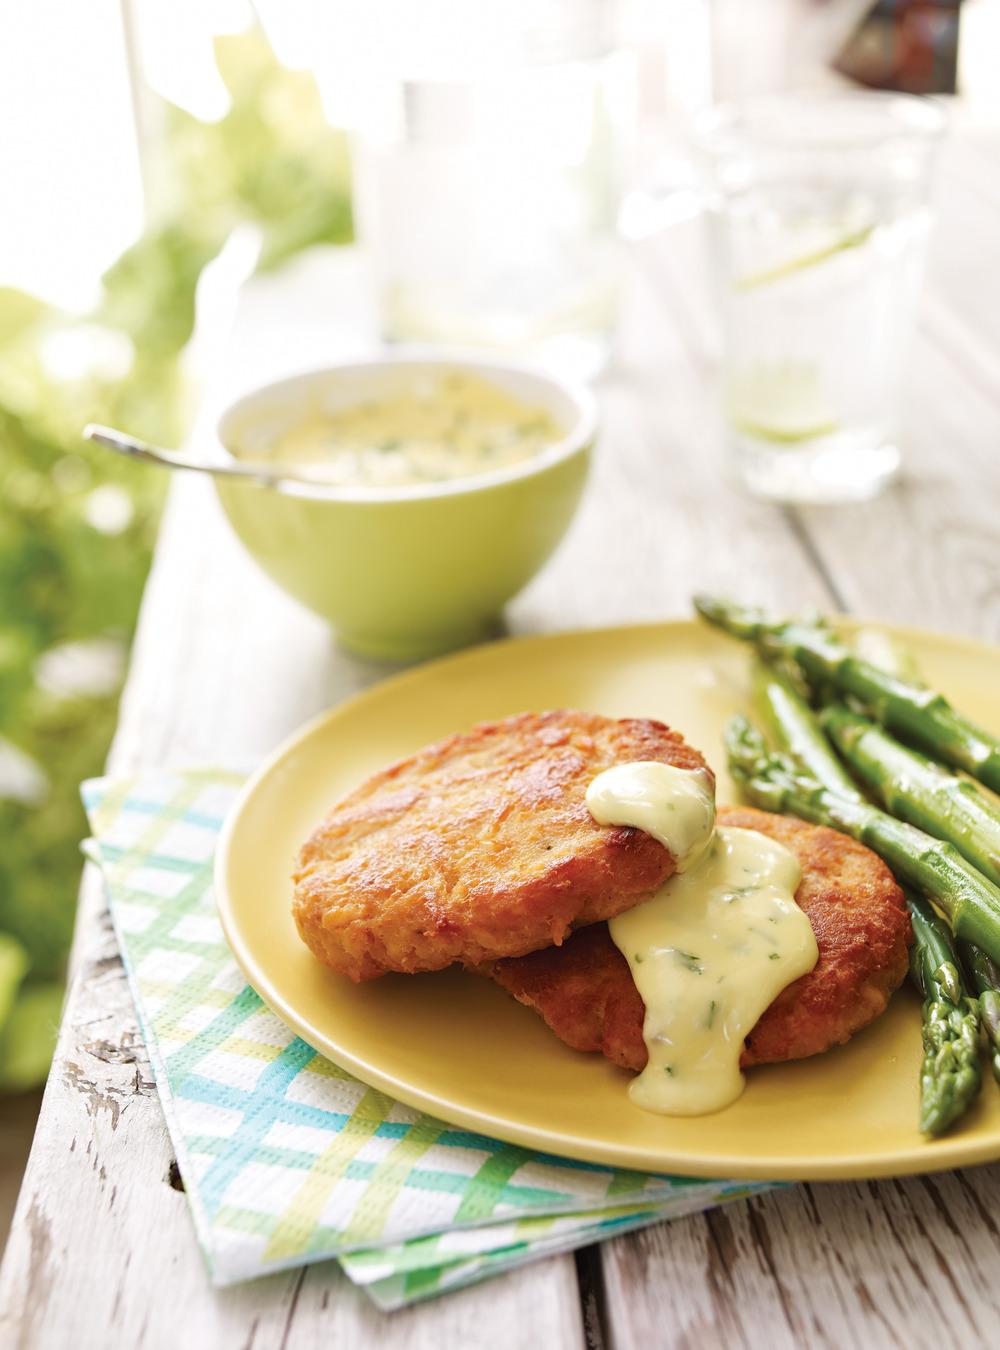 Croquettes de saumon et mayonnaise à l'estragon | ricardo